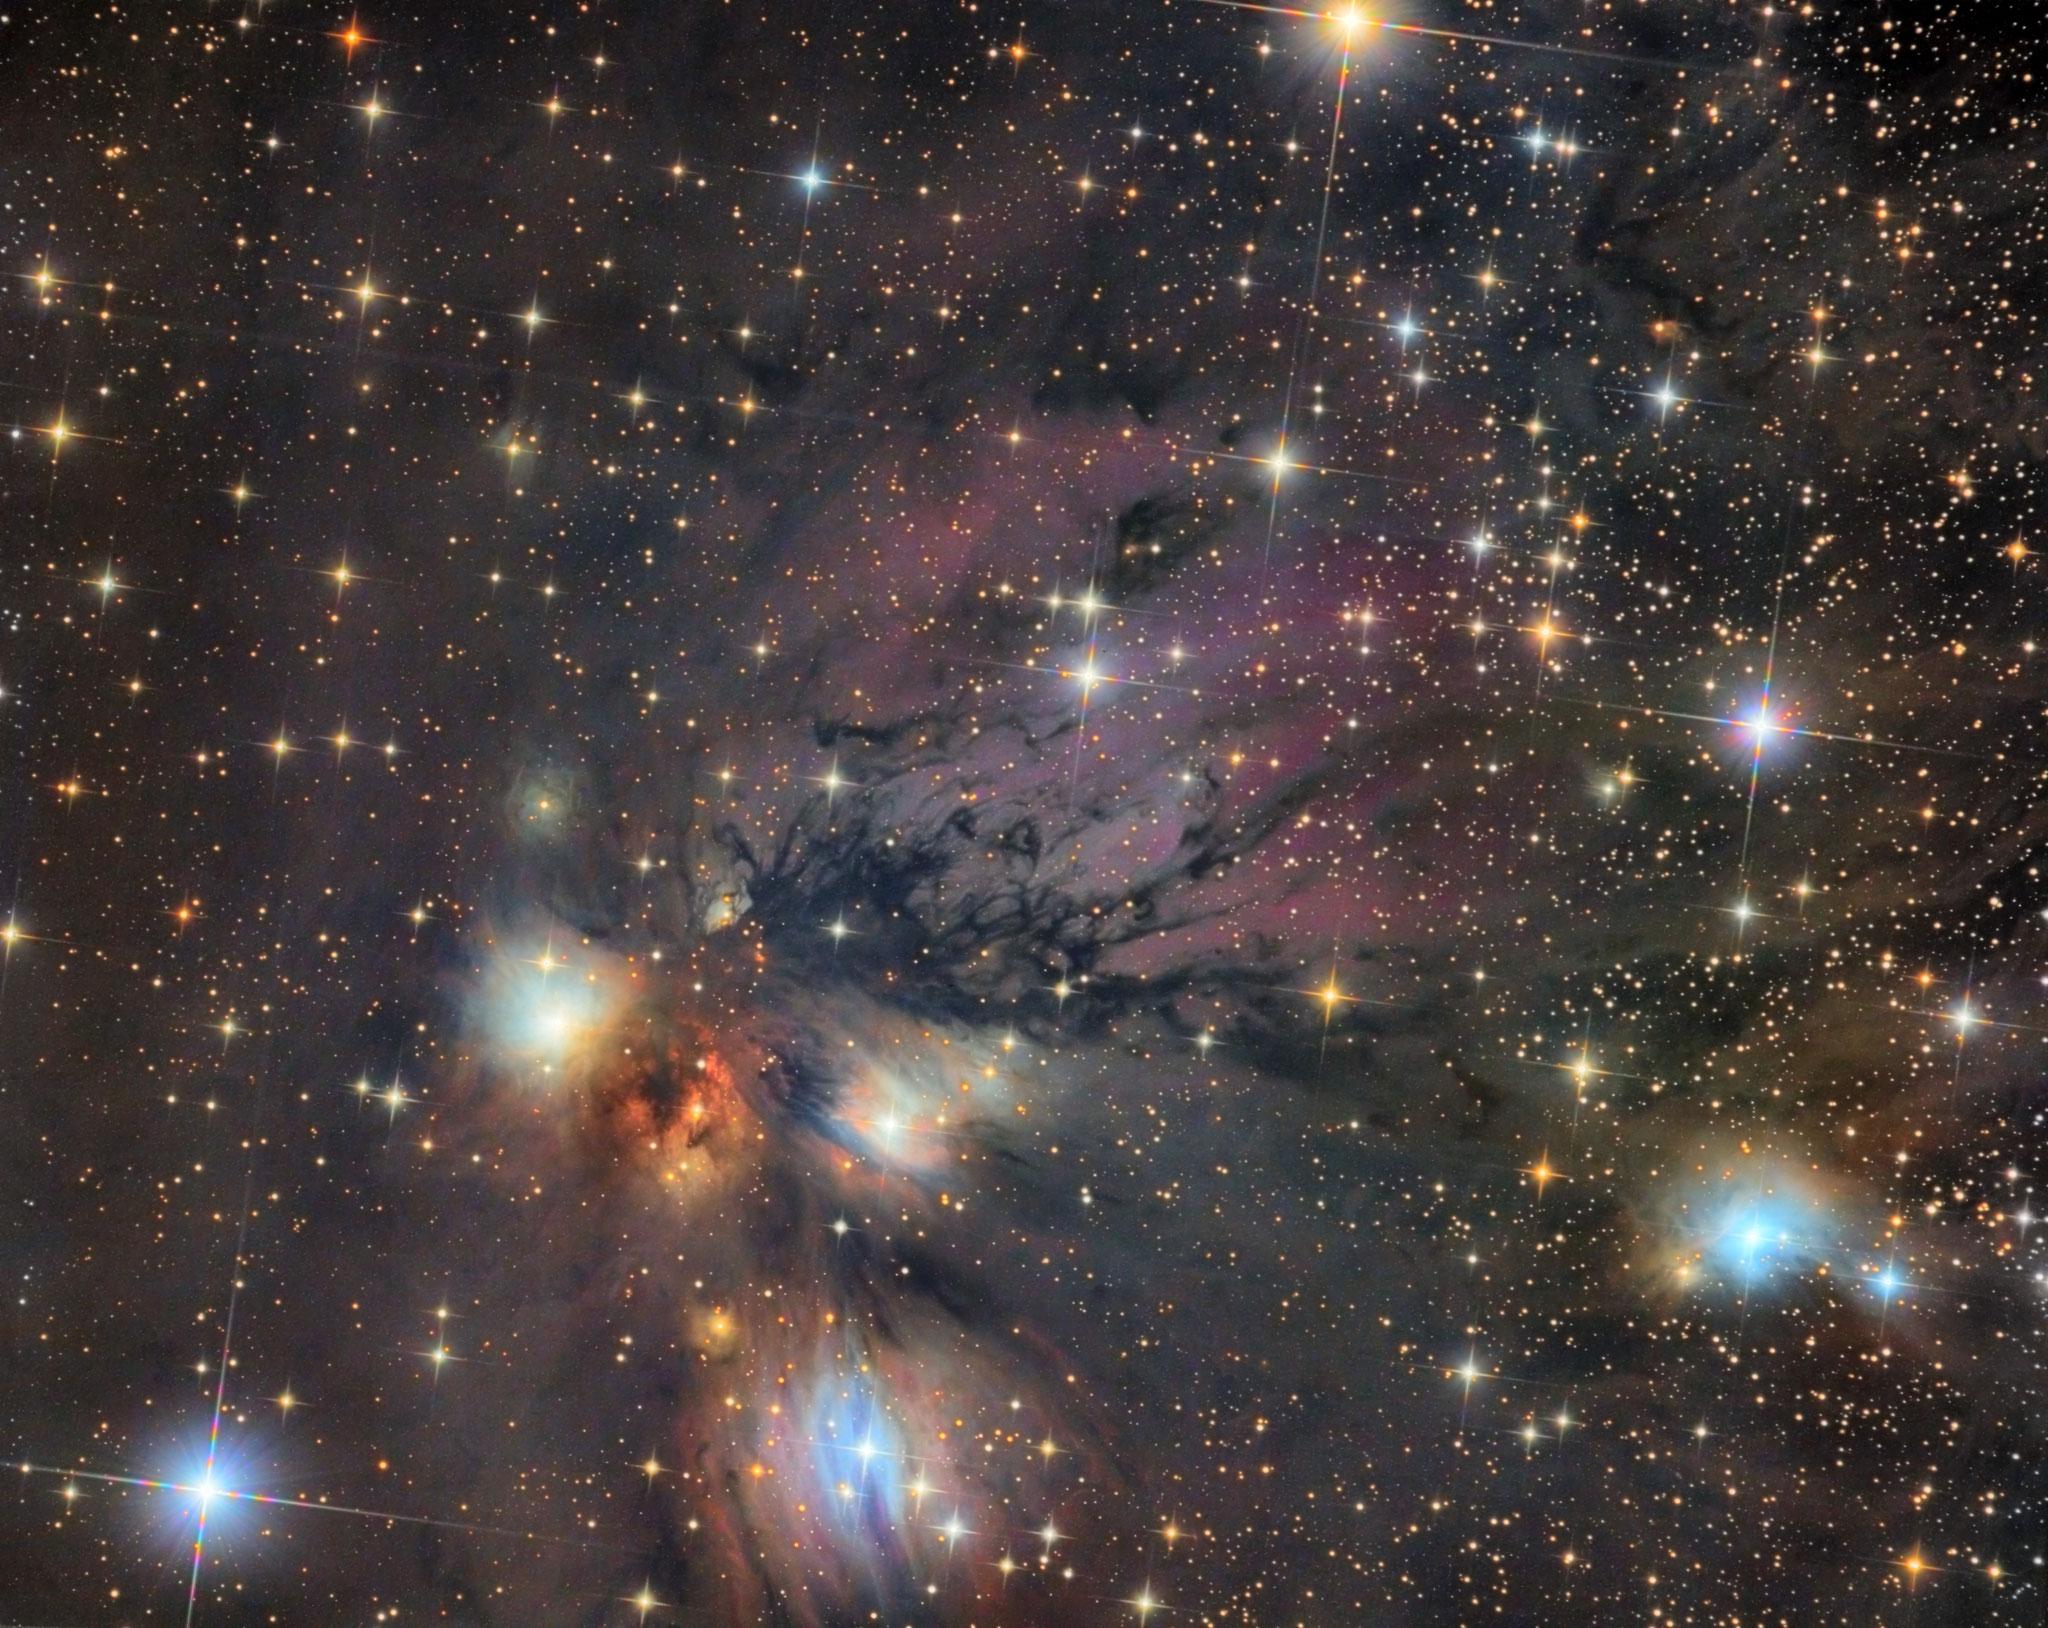 NGC2170, à 2400 al dans la constellation de la Licorne, T355, LRVB = 8h, Fabien, Sadr Chili